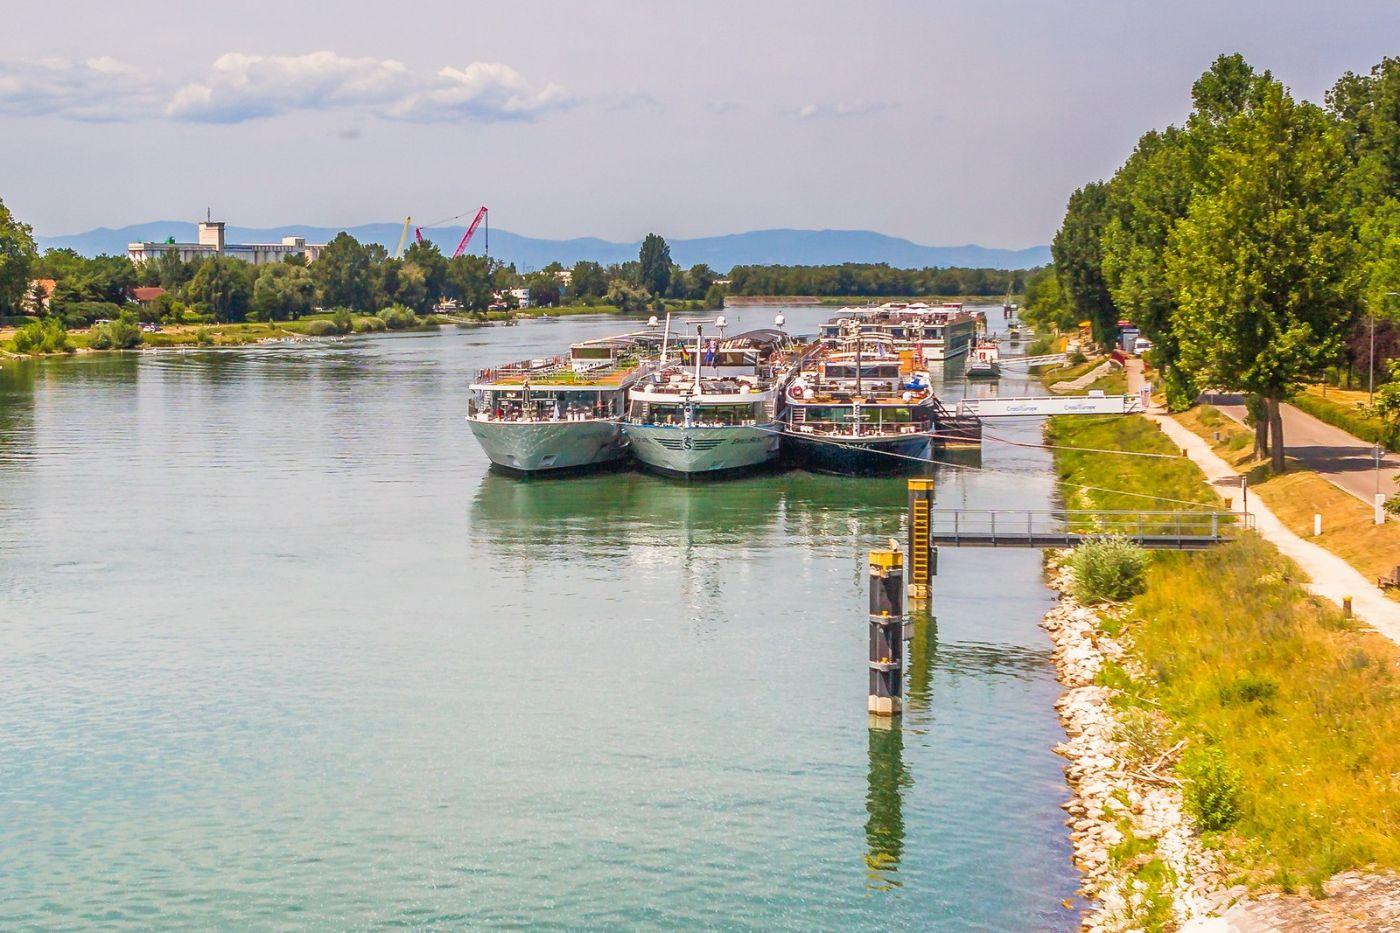 畅游莱茵河,游船商船另一道景_图1-39